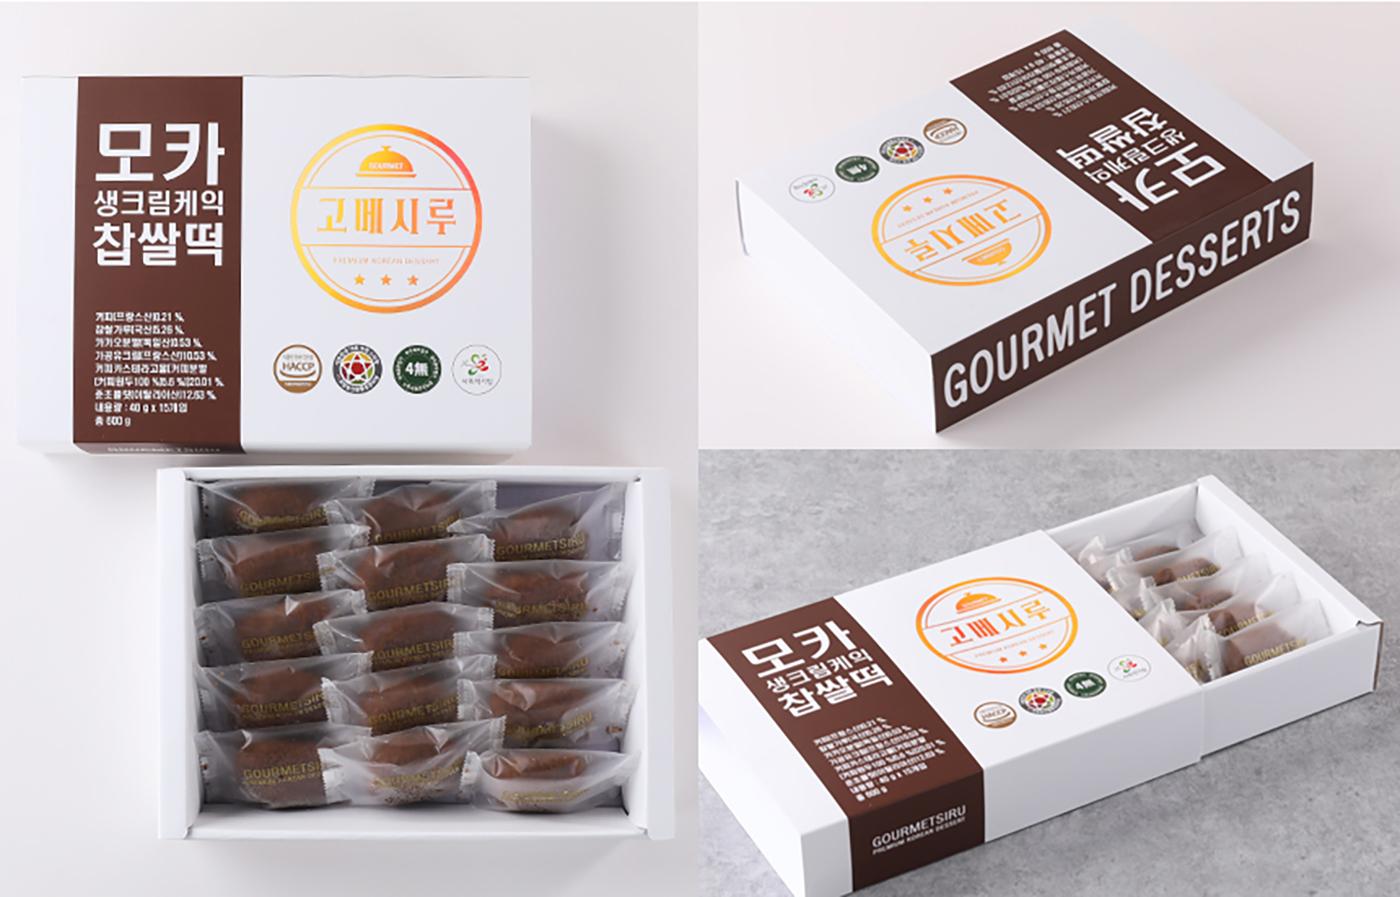 굳지 않는 모카 생크림 케익 모찌 찹쌀떡 (15입) 상세이미지11